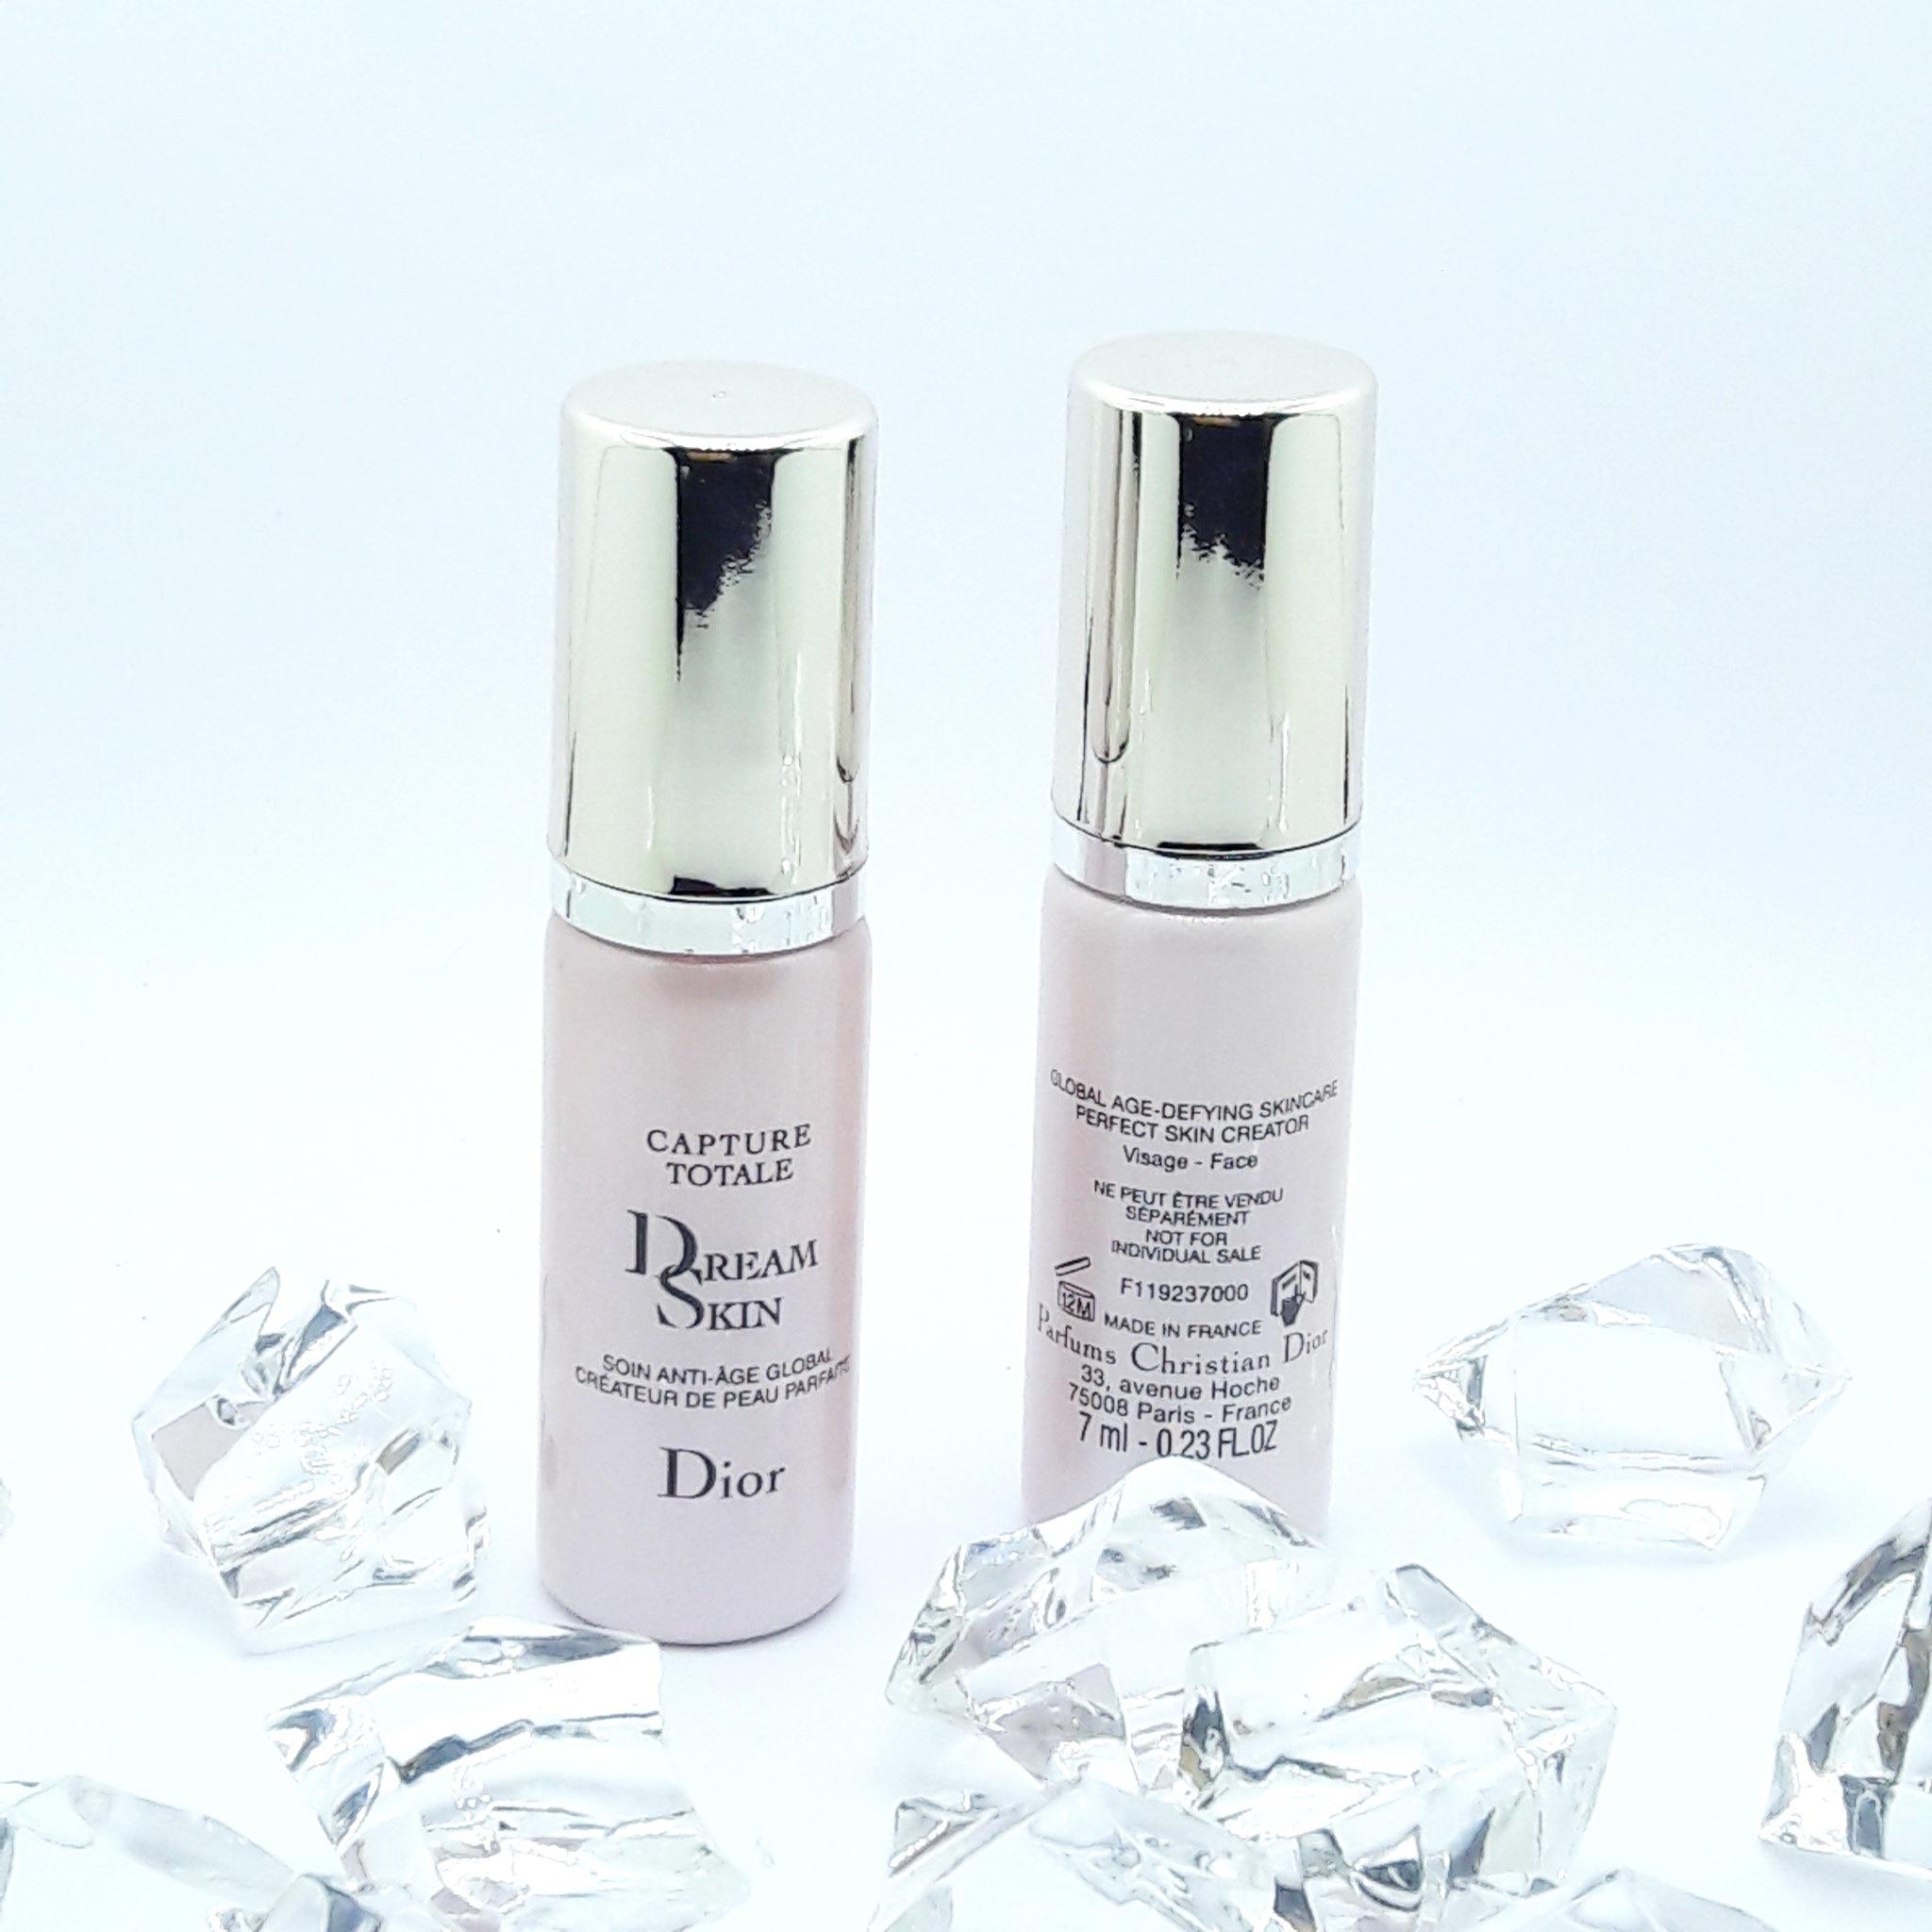 DIOR CAPTURE TOTALE Dream Skin 7ml. ผิวในฝันสร้างได้ไม่อยาก กับ Dior Capture Totale Dream Skin เซรั่มทีใช้เป็นขั้นตอนสุดท้ายของการบำรุงผิวก่อนการแต่งหน้า หรือ Post-Serum